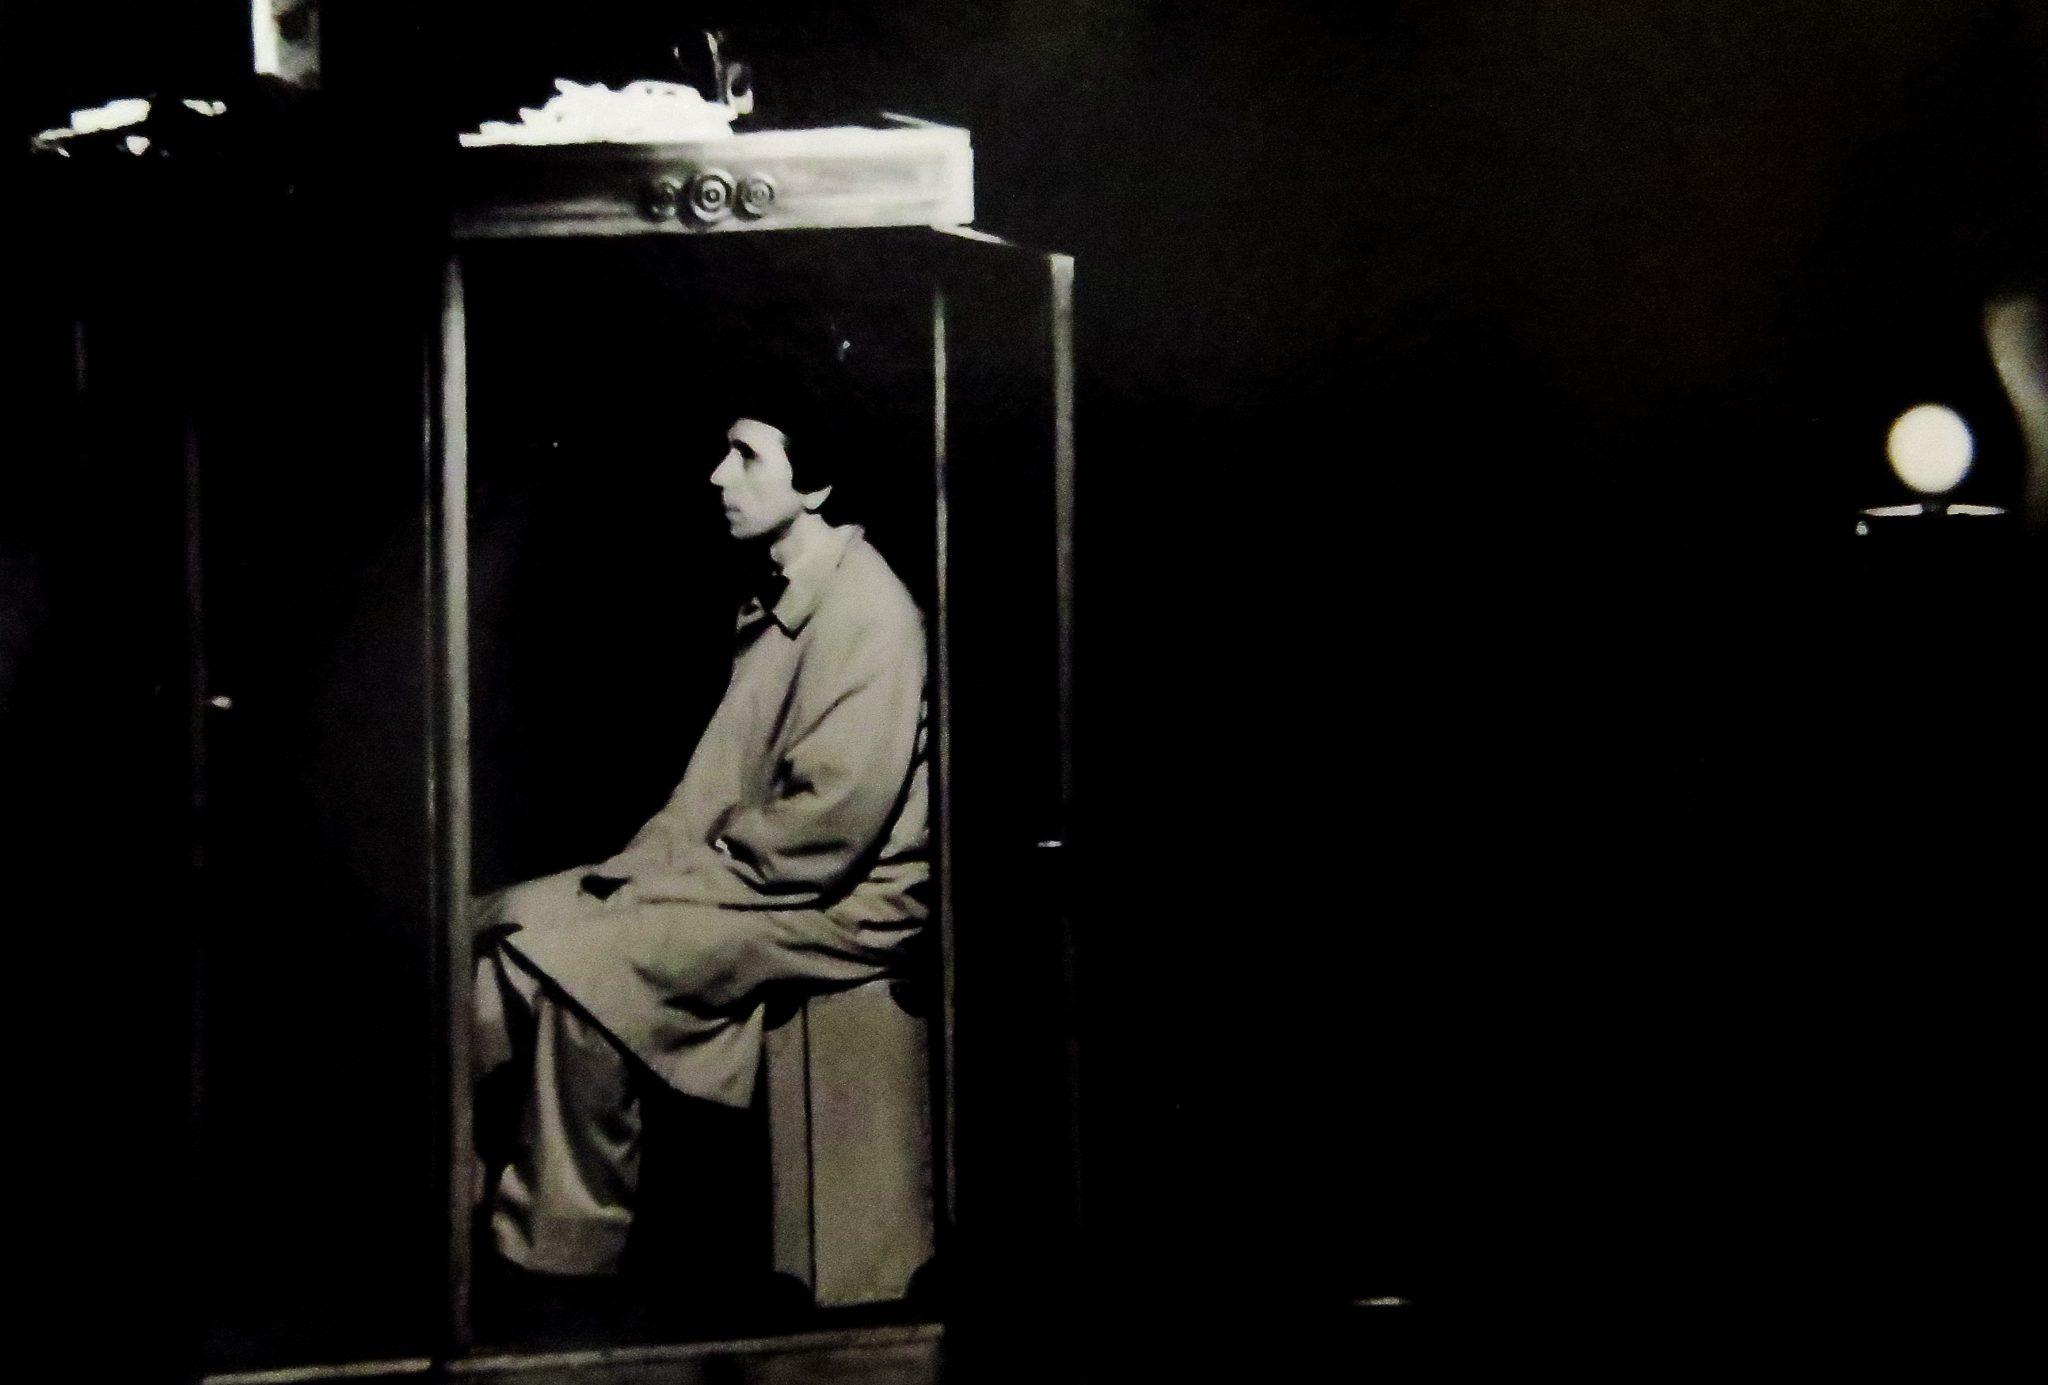 Фото з архіву. Вистава «Четвертий стілець» (реж. Віктор Попов). 1991 р.